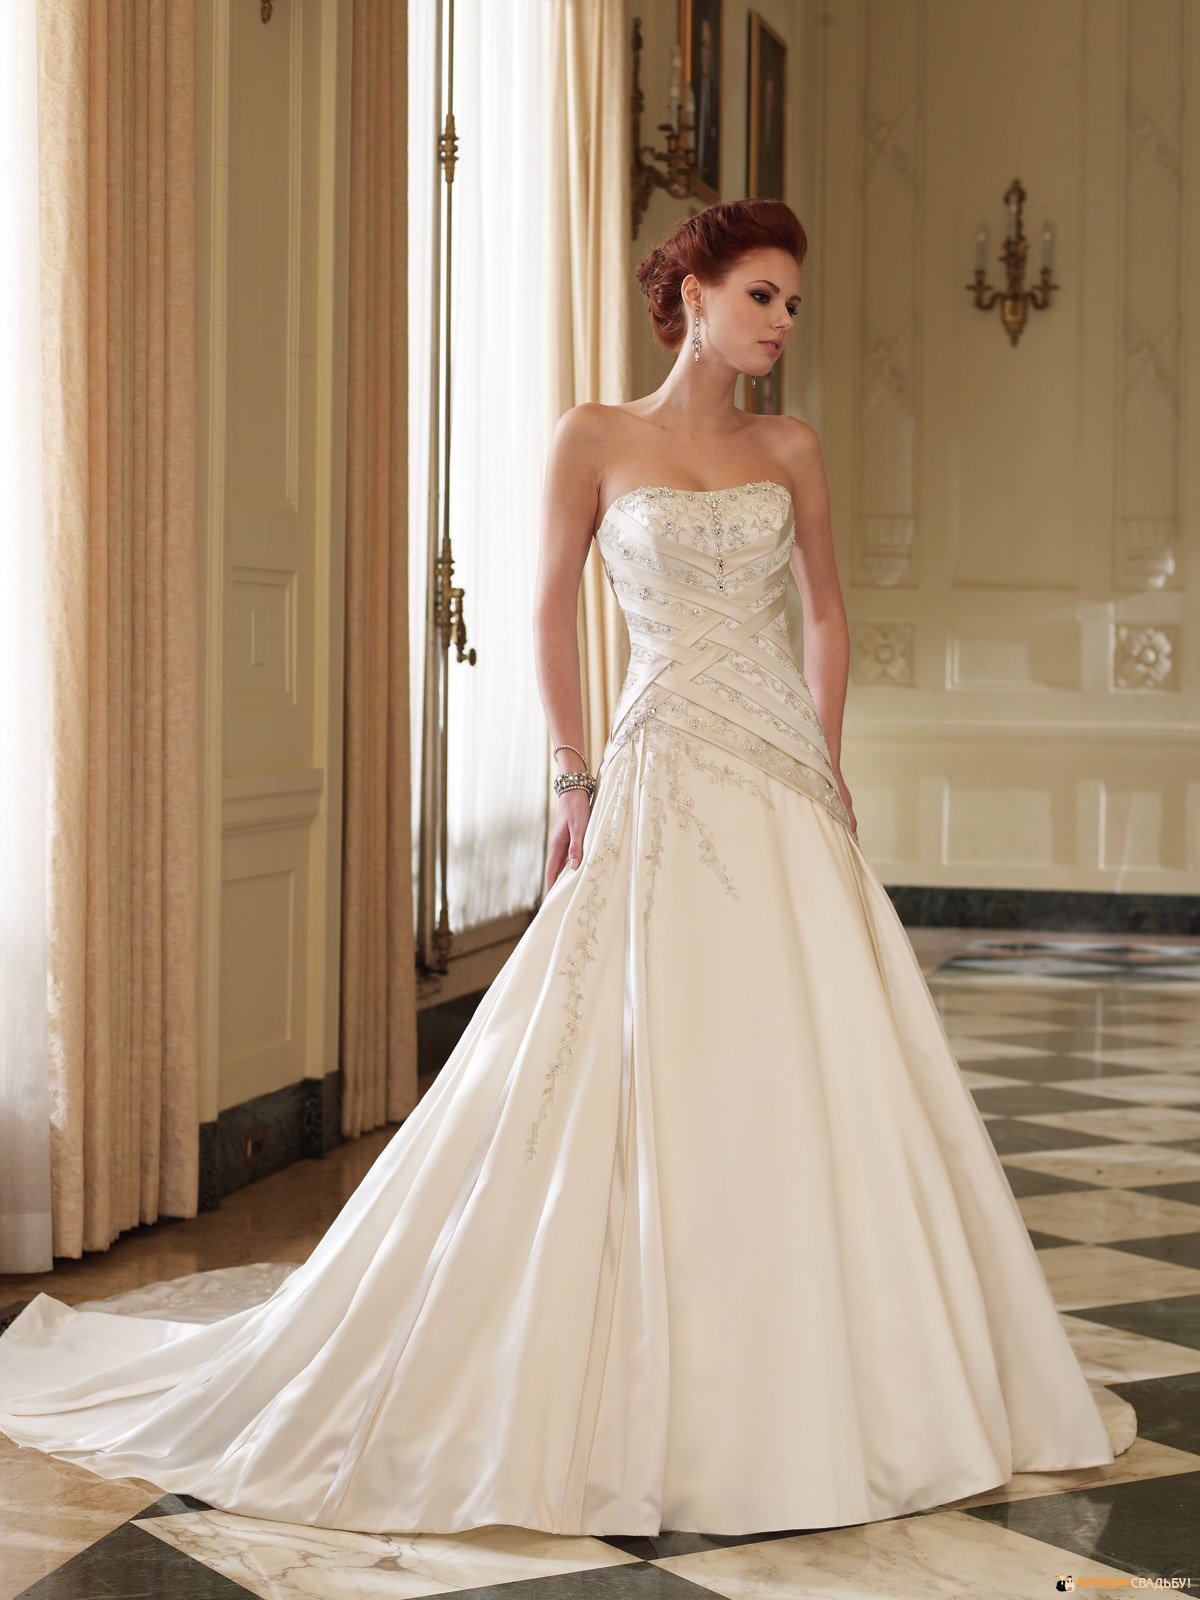 Если молодая, влюбленная девушка осознает, что ей требуется подвенечное платье, девушка начинает думать, где лучше выбирать свадебные платья